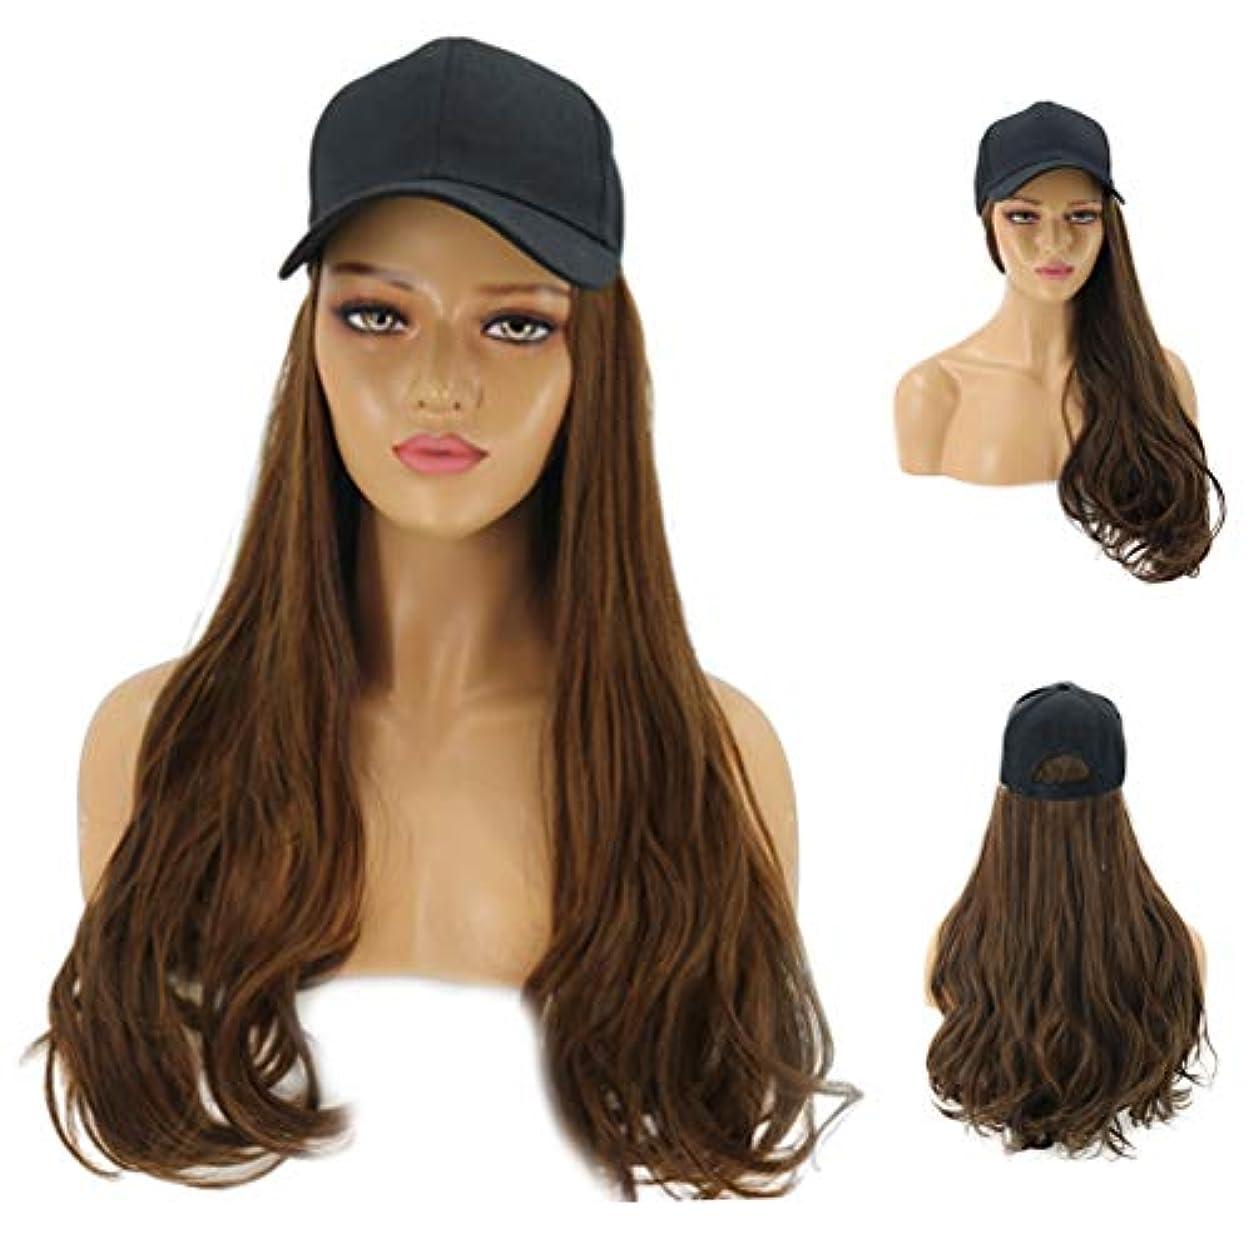 薬理学ヒューマニスティックスラッシュ女性のファッショナブルな野球帽、長いウェーブのかかった髪の拡張機能、毎日のパーティー用の黒い帽子が付いた自然な人工毛